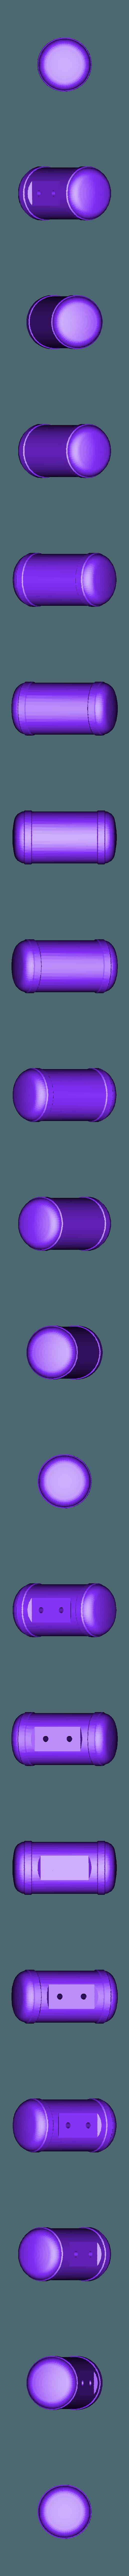 TruckV3_Props_airtankx2.STL Download STL file 3D Printed RC Truck V3 • 3D print model, MrCrankyface